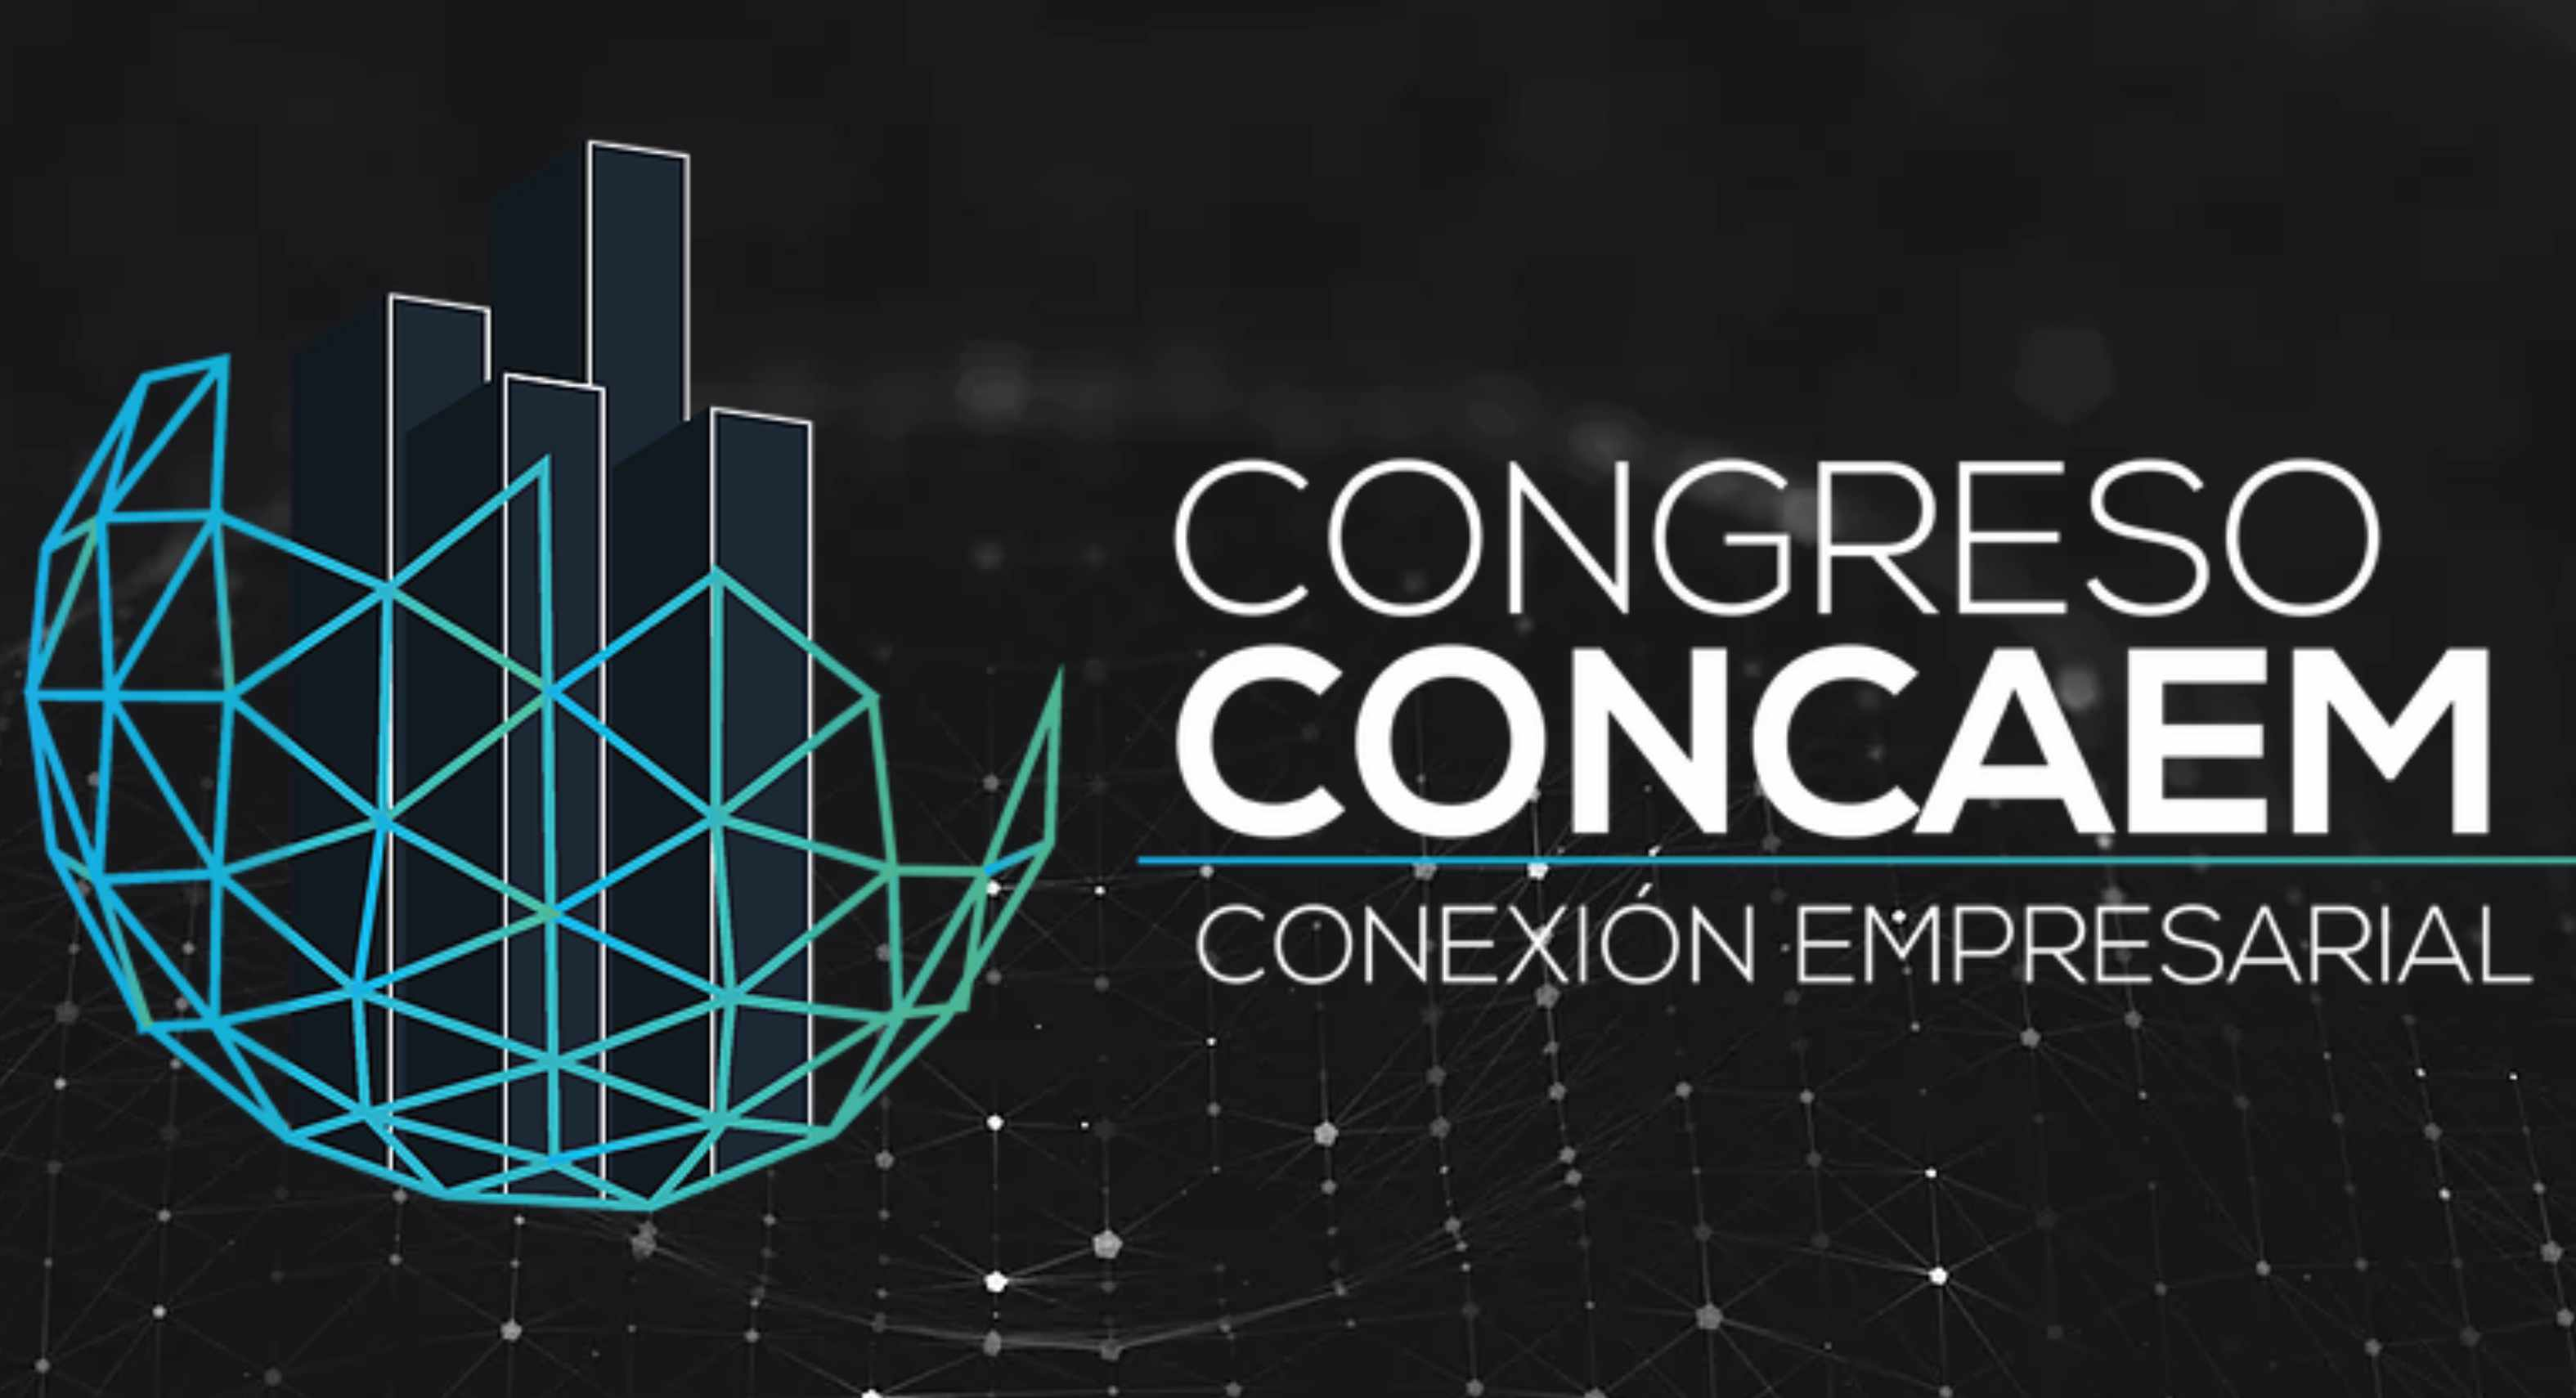 congreso concaem virtual 2021 empresarios